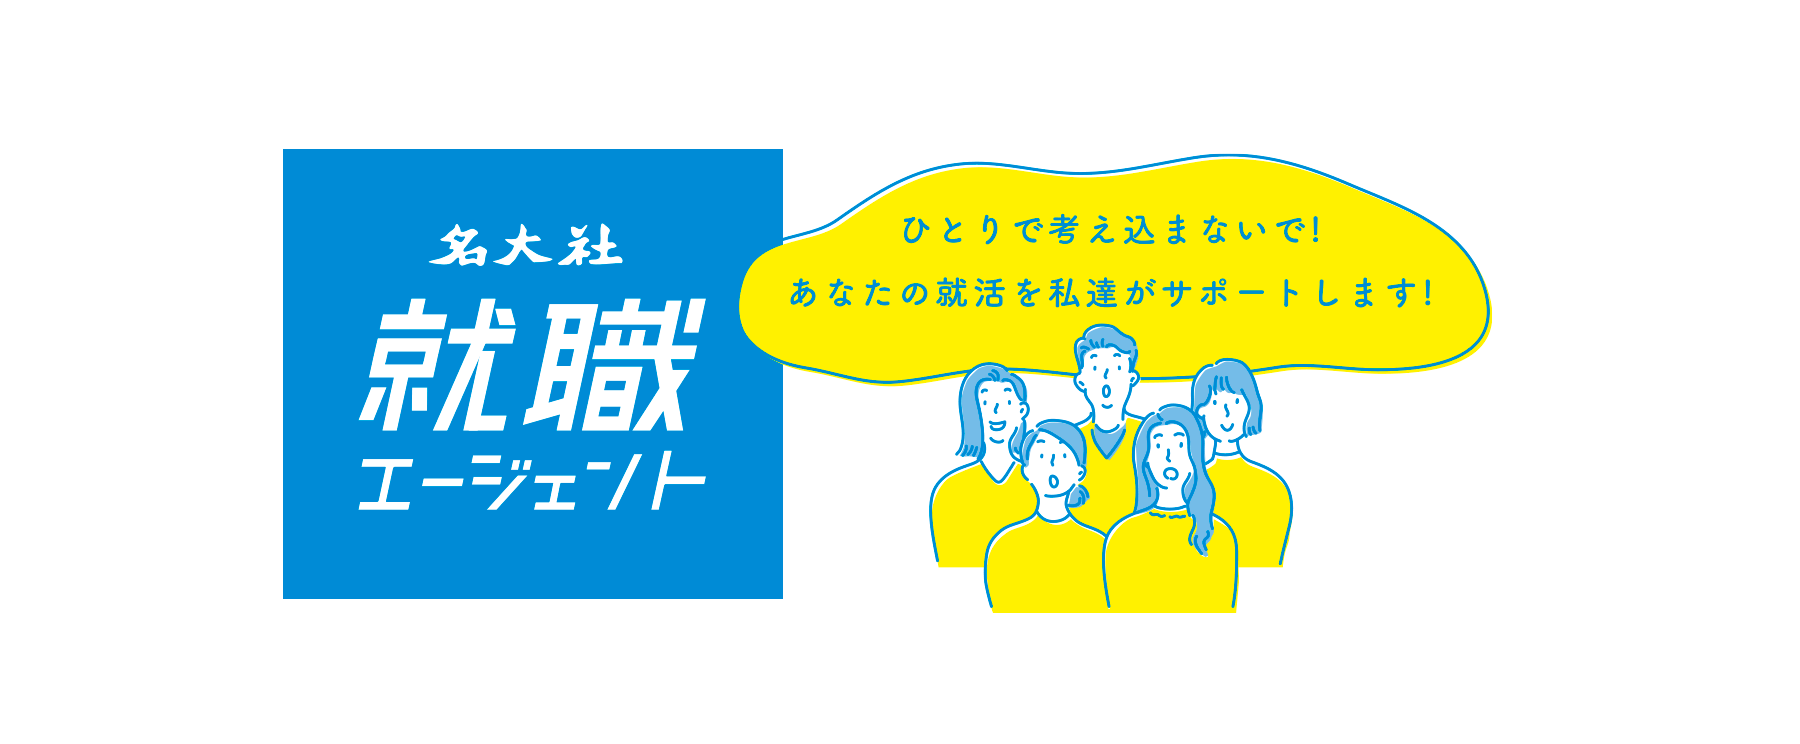 就職エージェント(新卒紹介サービス)